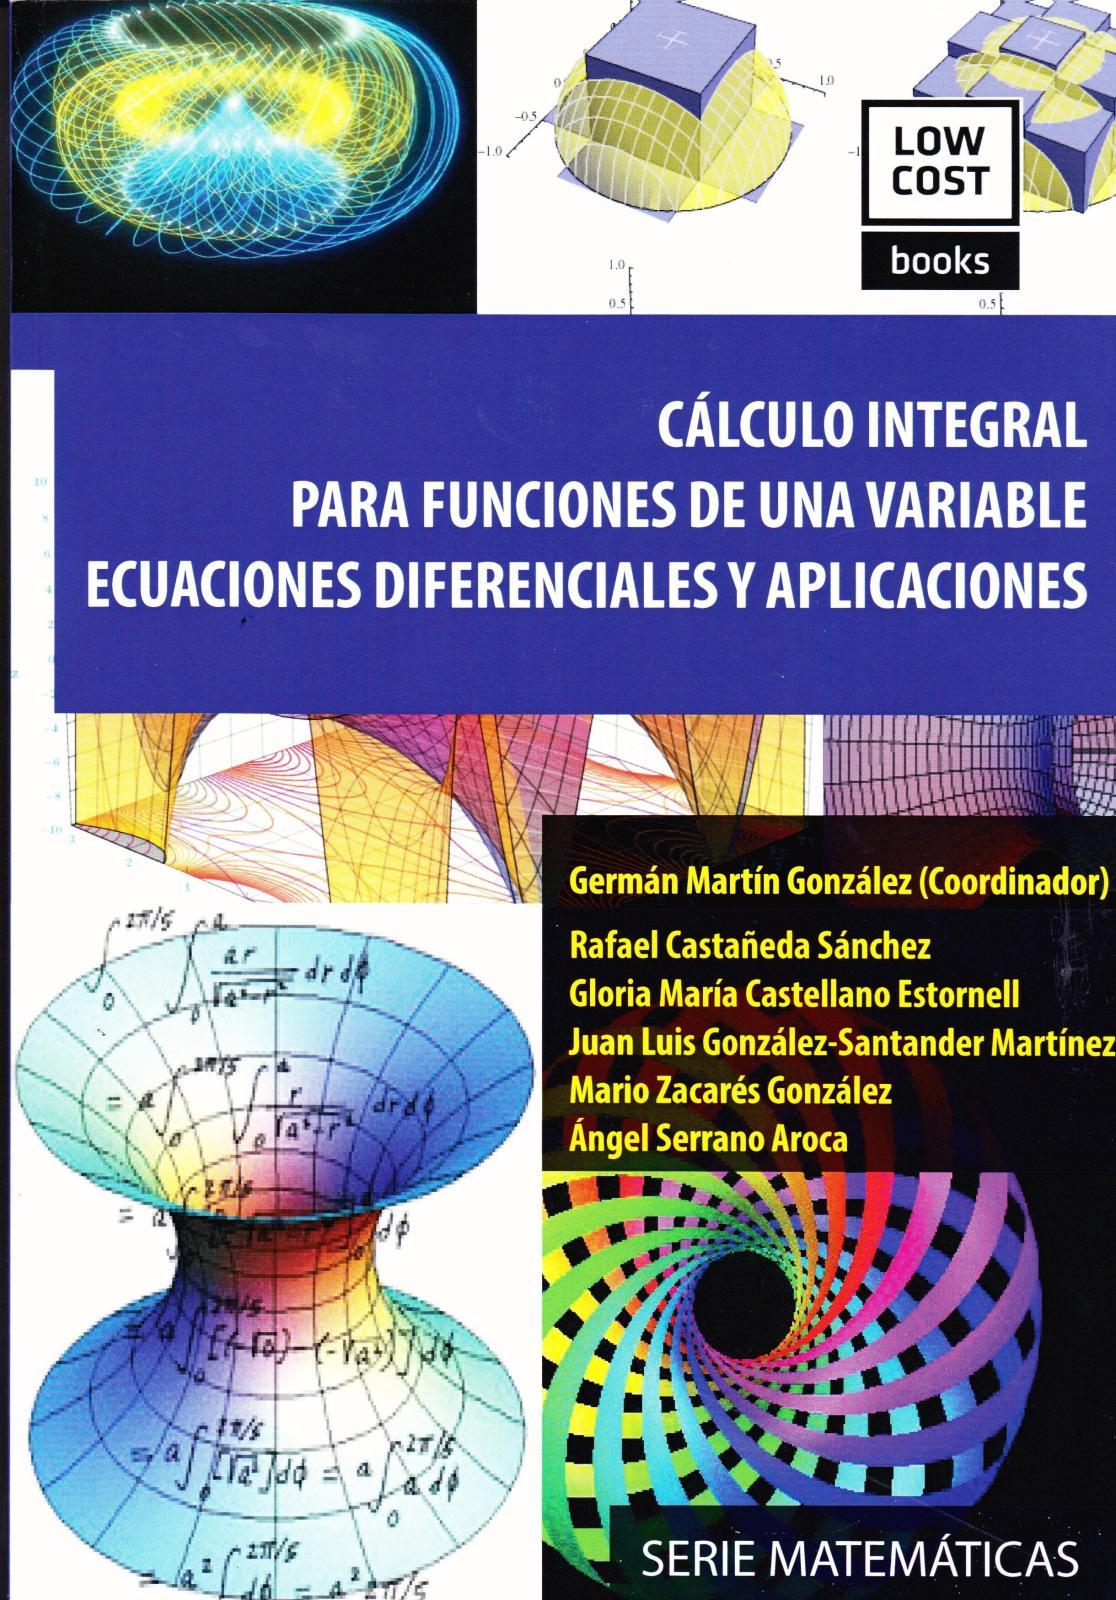 CÁLCULO INTEGRAL PARA FUNCIONES DE UNA VARIABLE. ECUACIONES DIFERENCIALES Y APLICACIONES